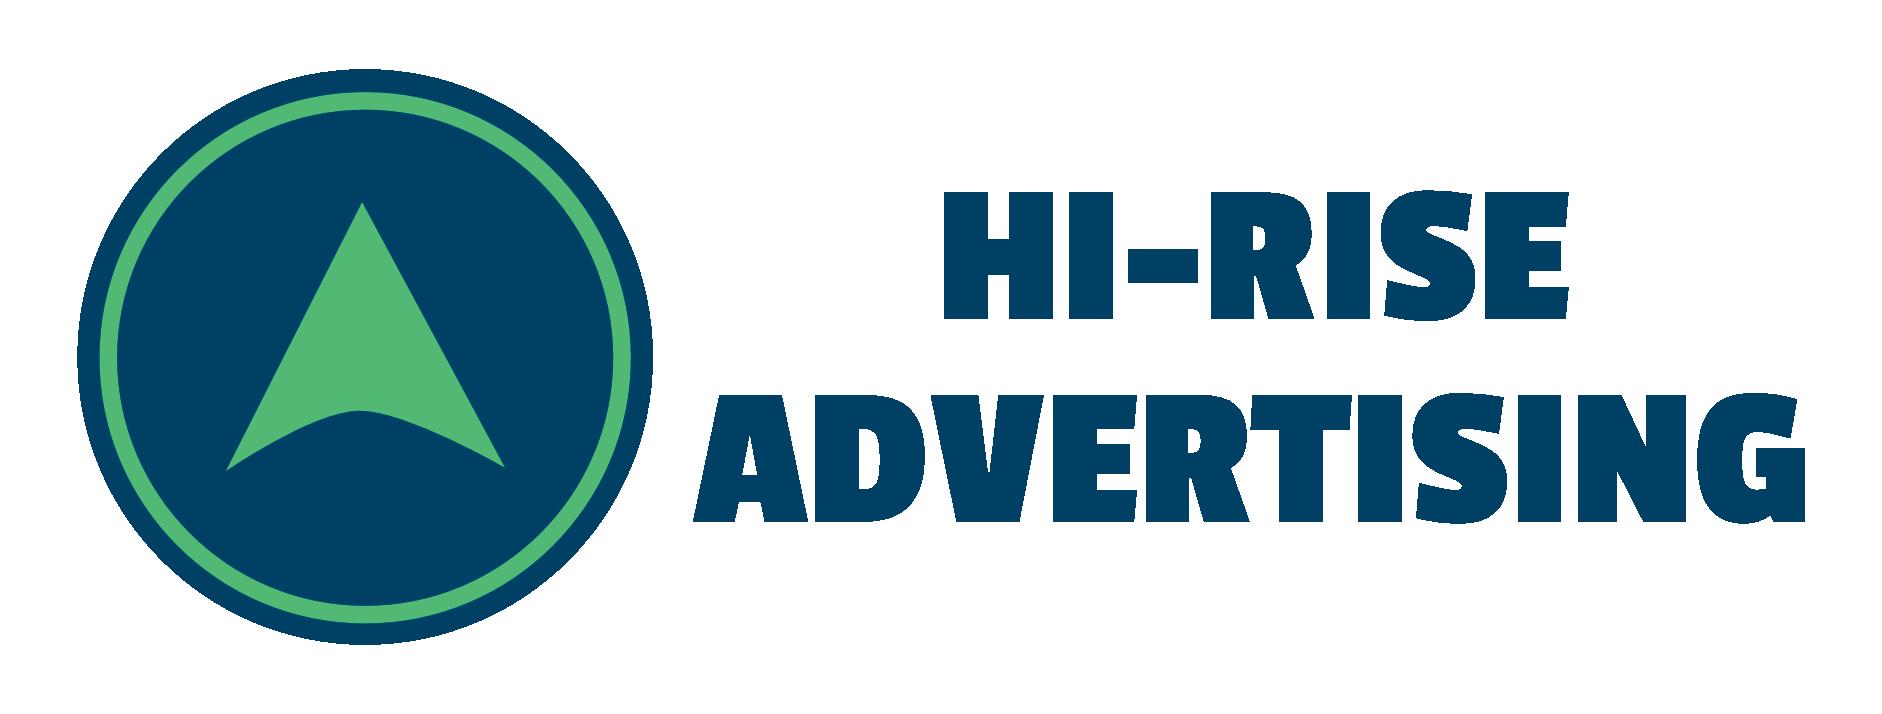 Hi-Rise Advertising